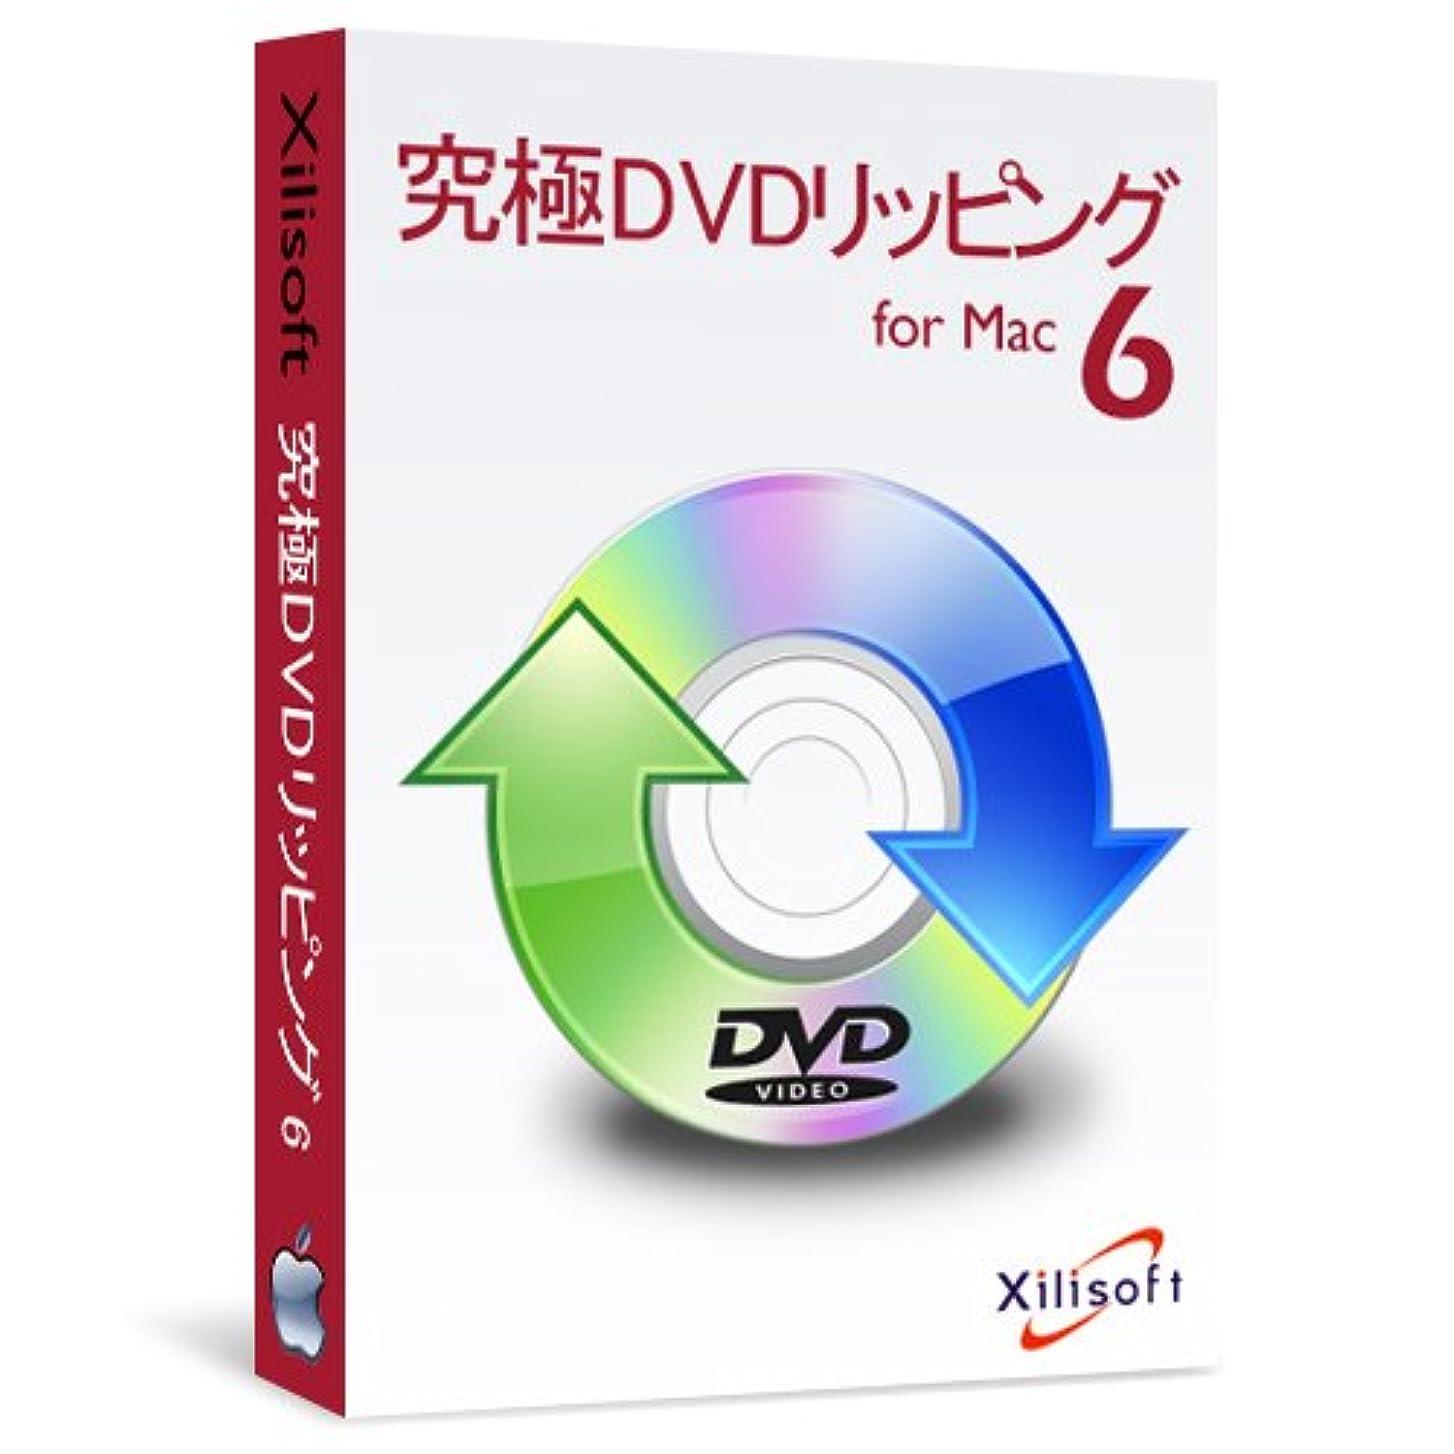 アナログエリート勧告Xilisoft 究極DVDリッピング for Mac [ダウンロード]